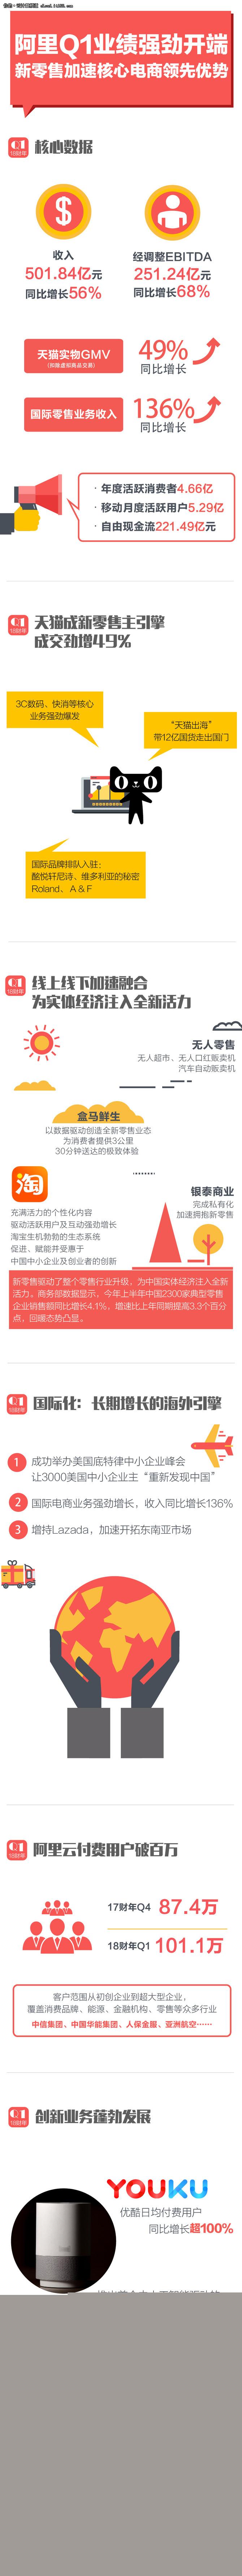 阿里2018财报:云计算付费用户突破百万